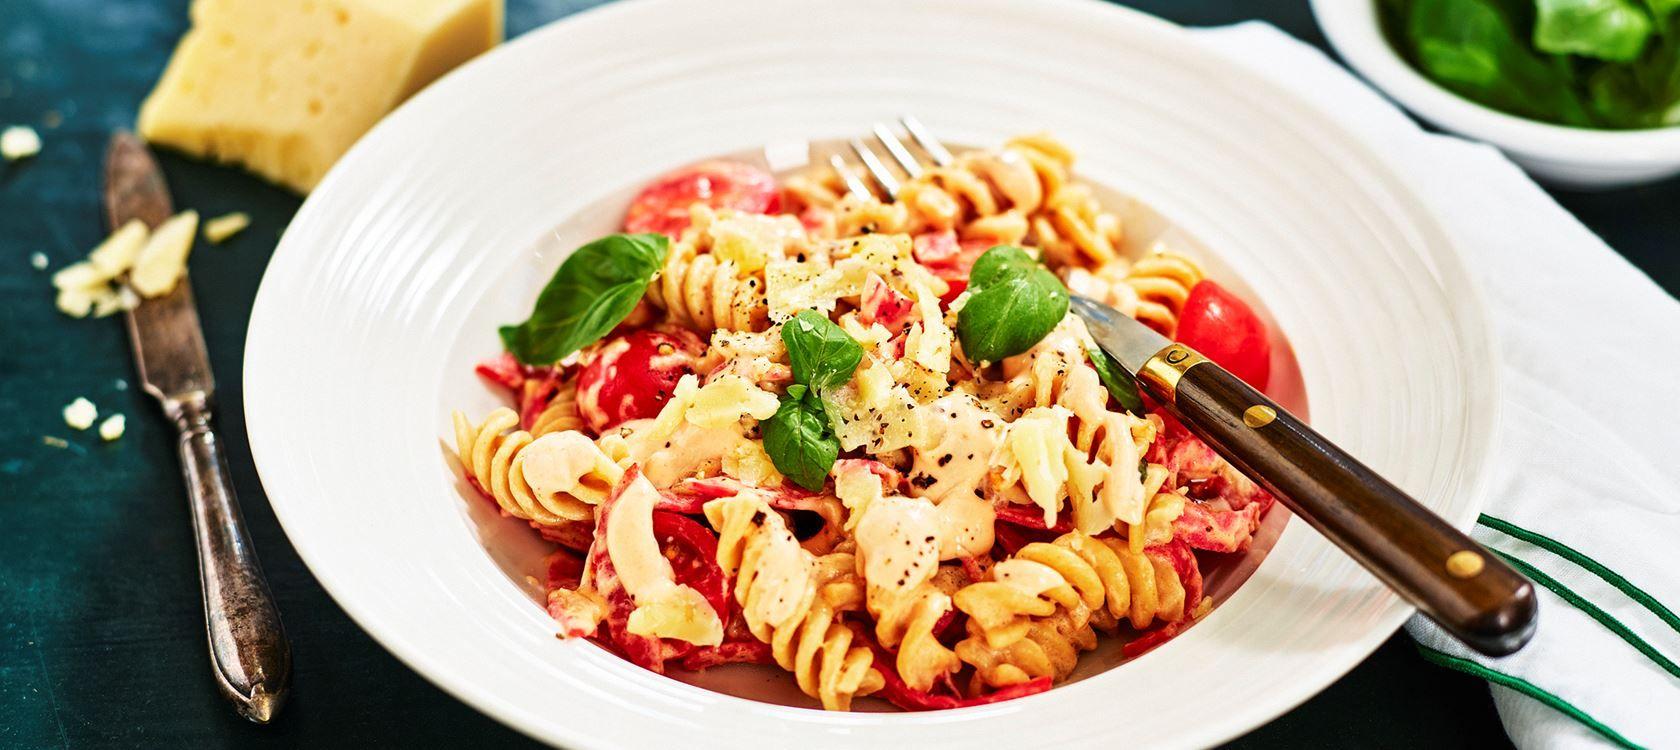 Pasta Italiano Recept Pastarecept Recept Mat Och Dryck